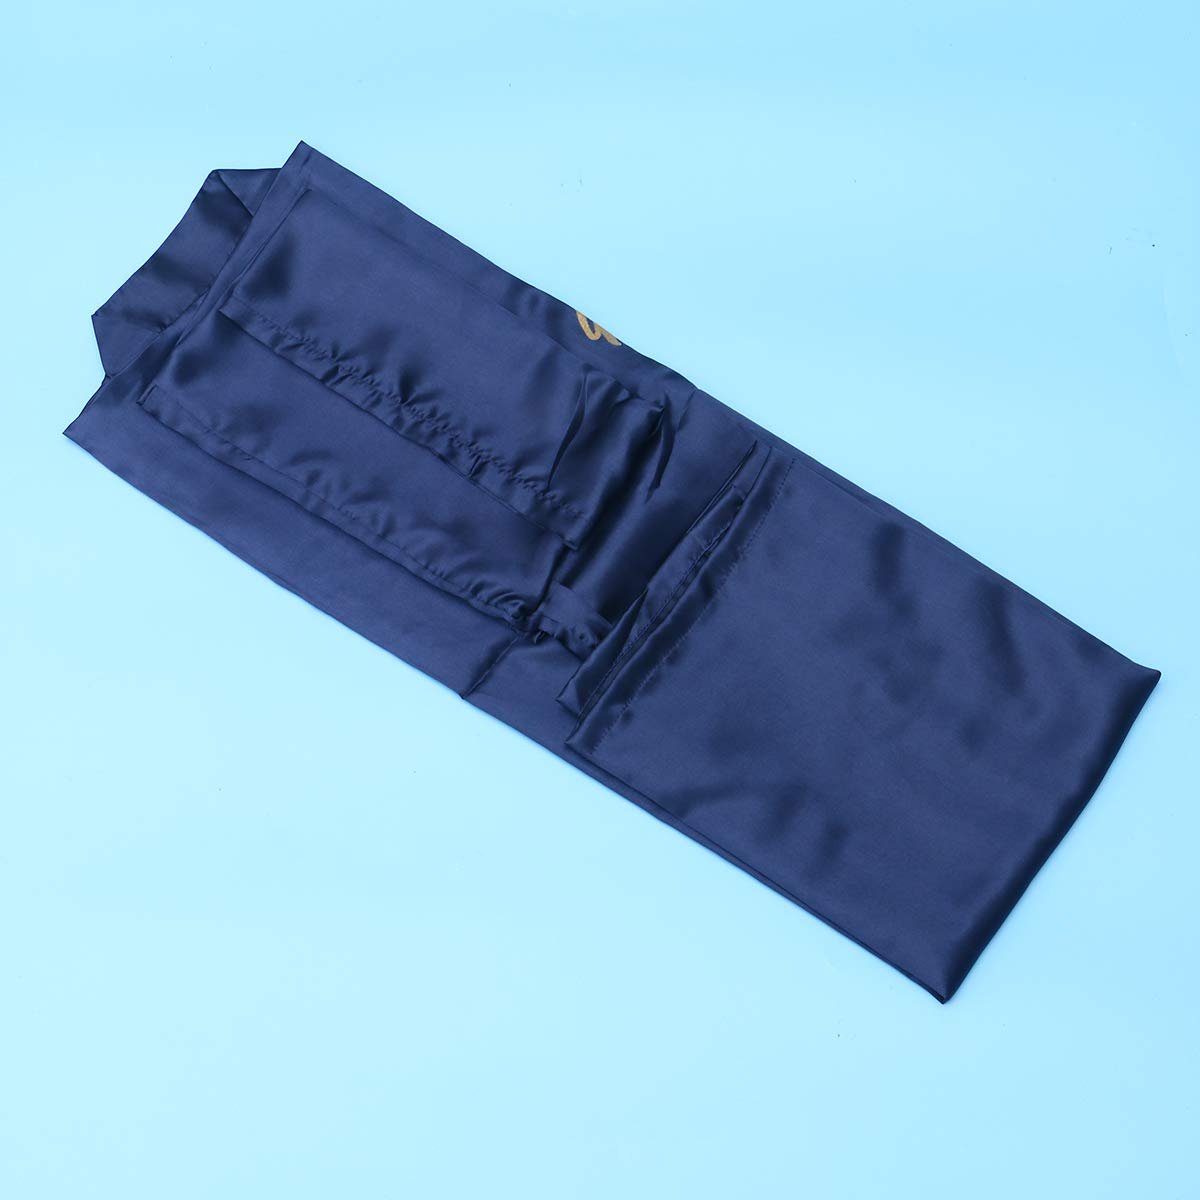 Amosfun Damigella dOnore Donne Camicie da Notte Kimono Robes Party Accappatoio Viola